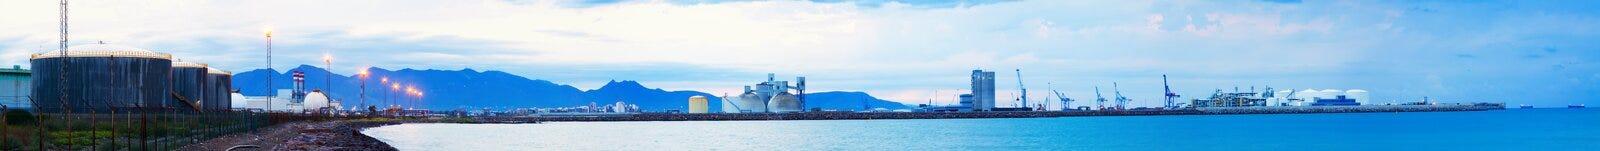 Industriezone op de Mediterrane kust Stock Fotografie